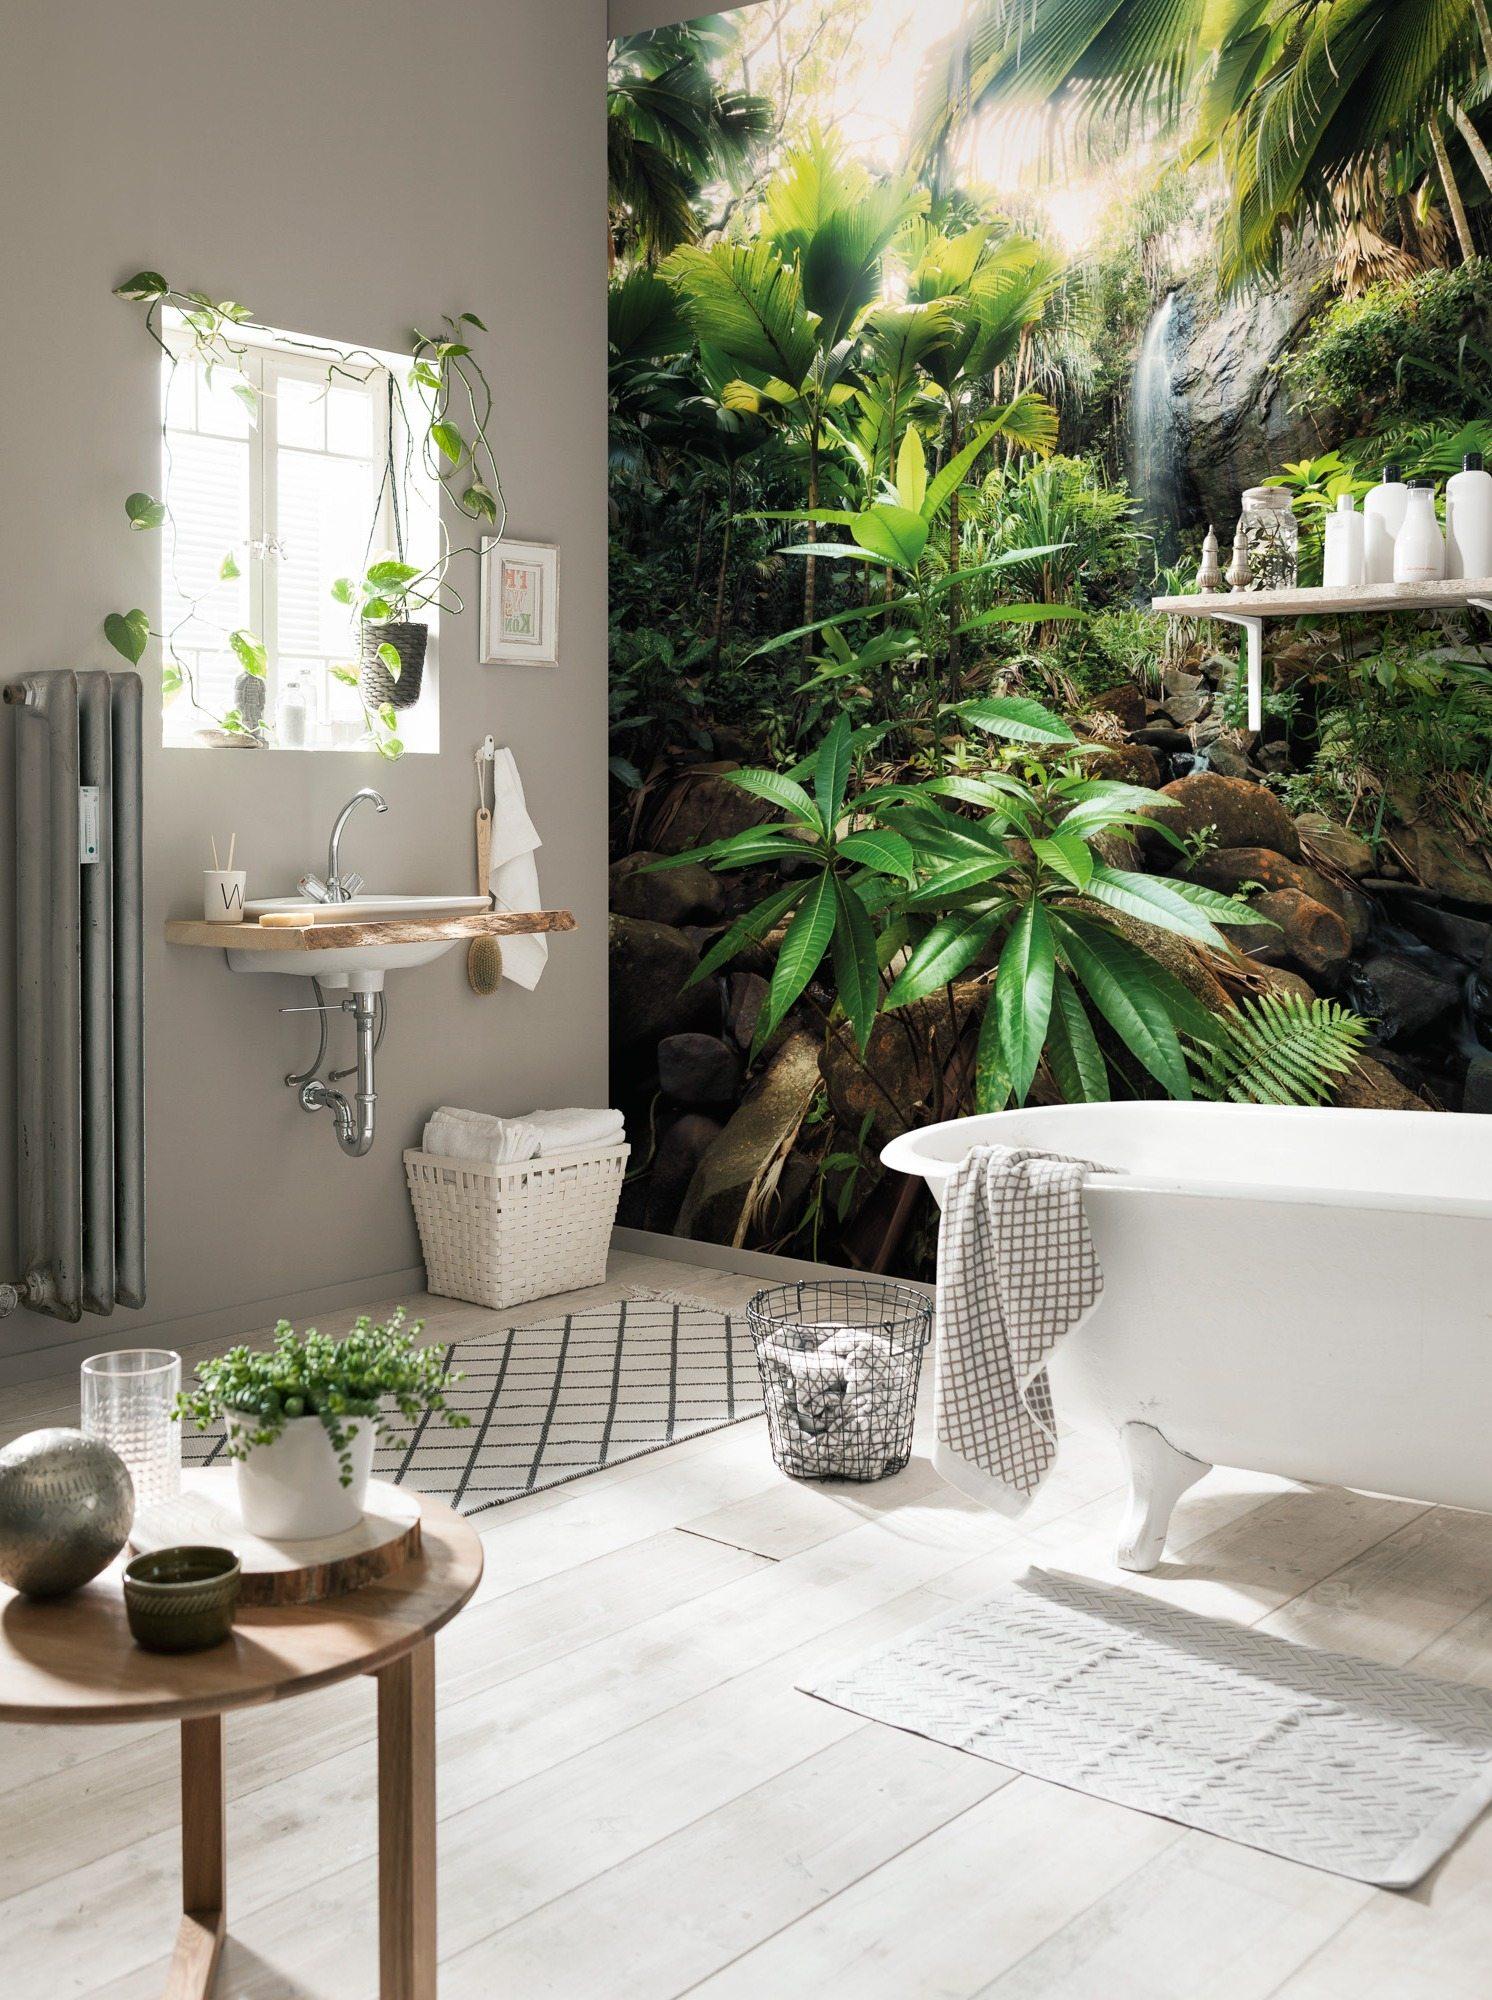 Специальные влагостойкие фотообои можно использовать для отделки стен ванной комнаты